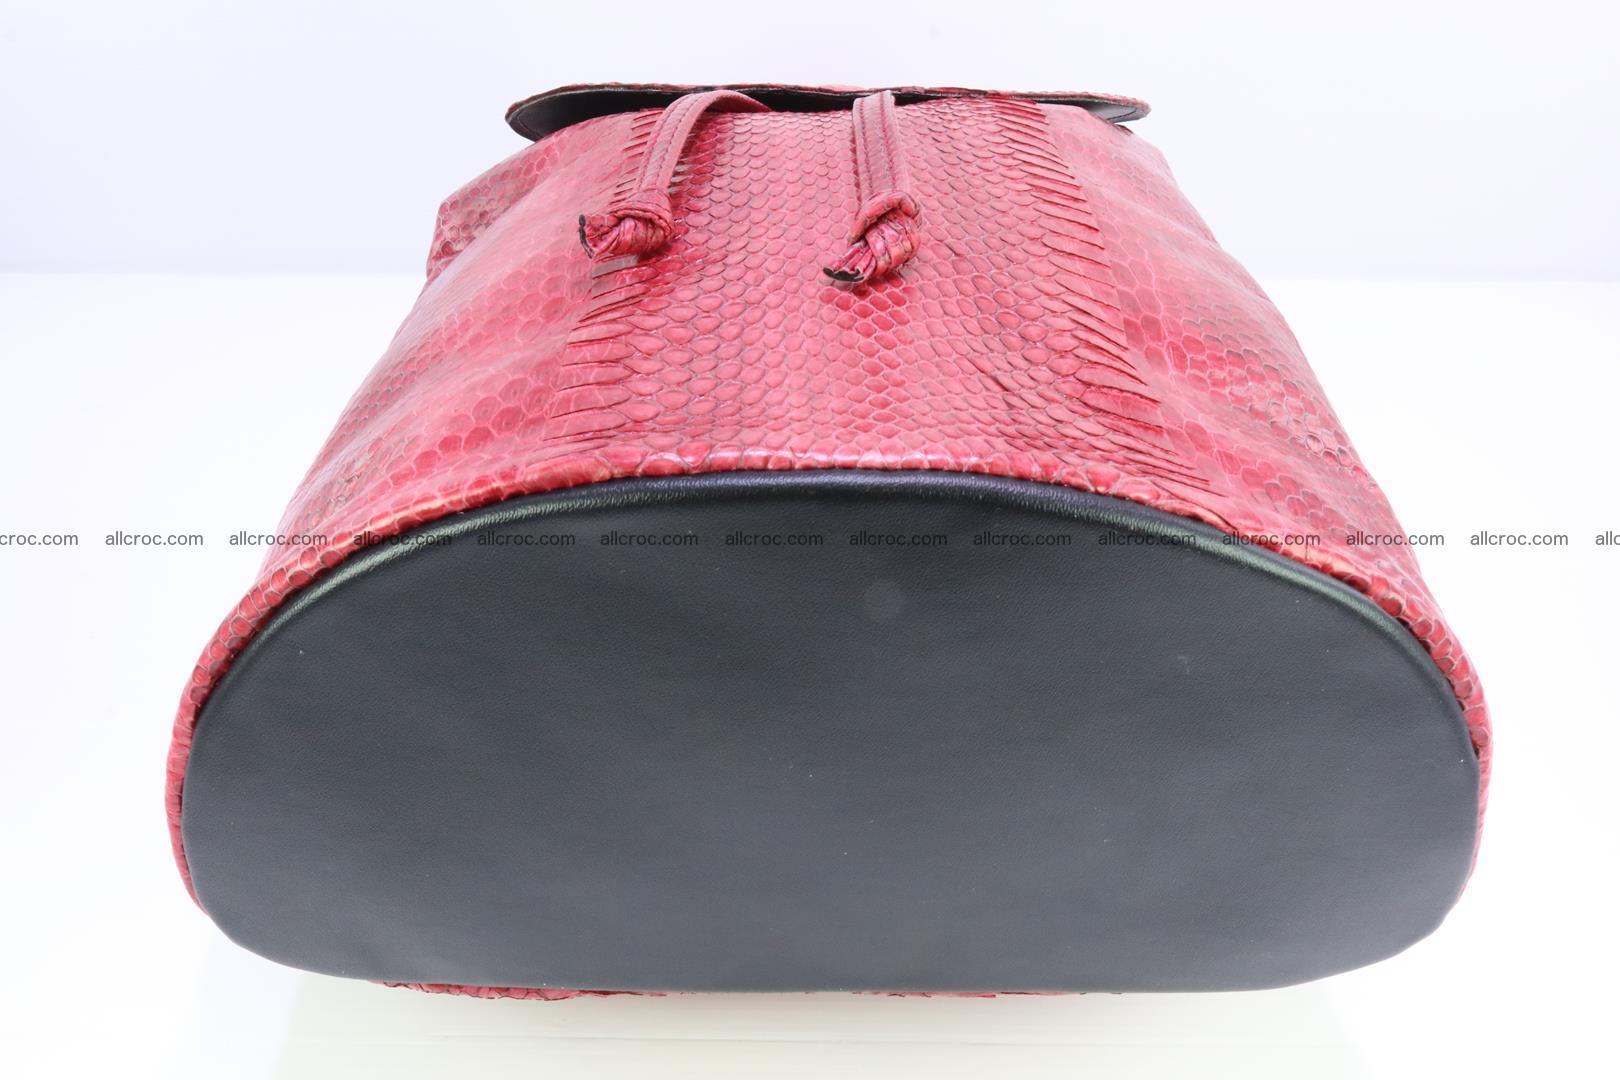 Cobra skin backpack with head of cobra 418 Foto 8